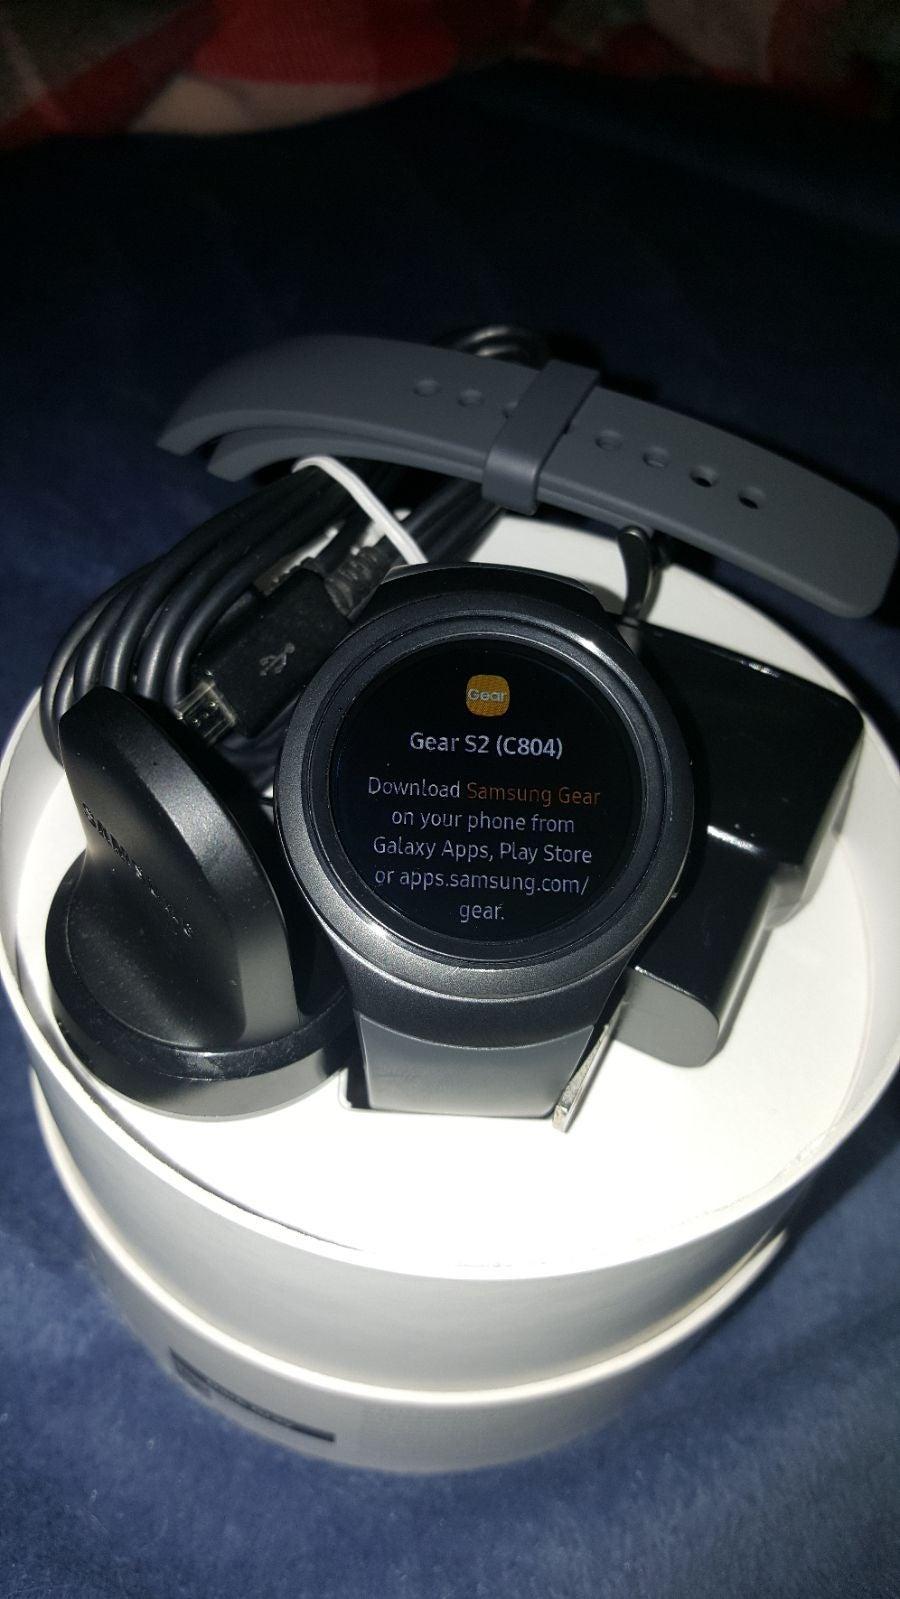 Samsung Gear S2 Watch (AT&T)